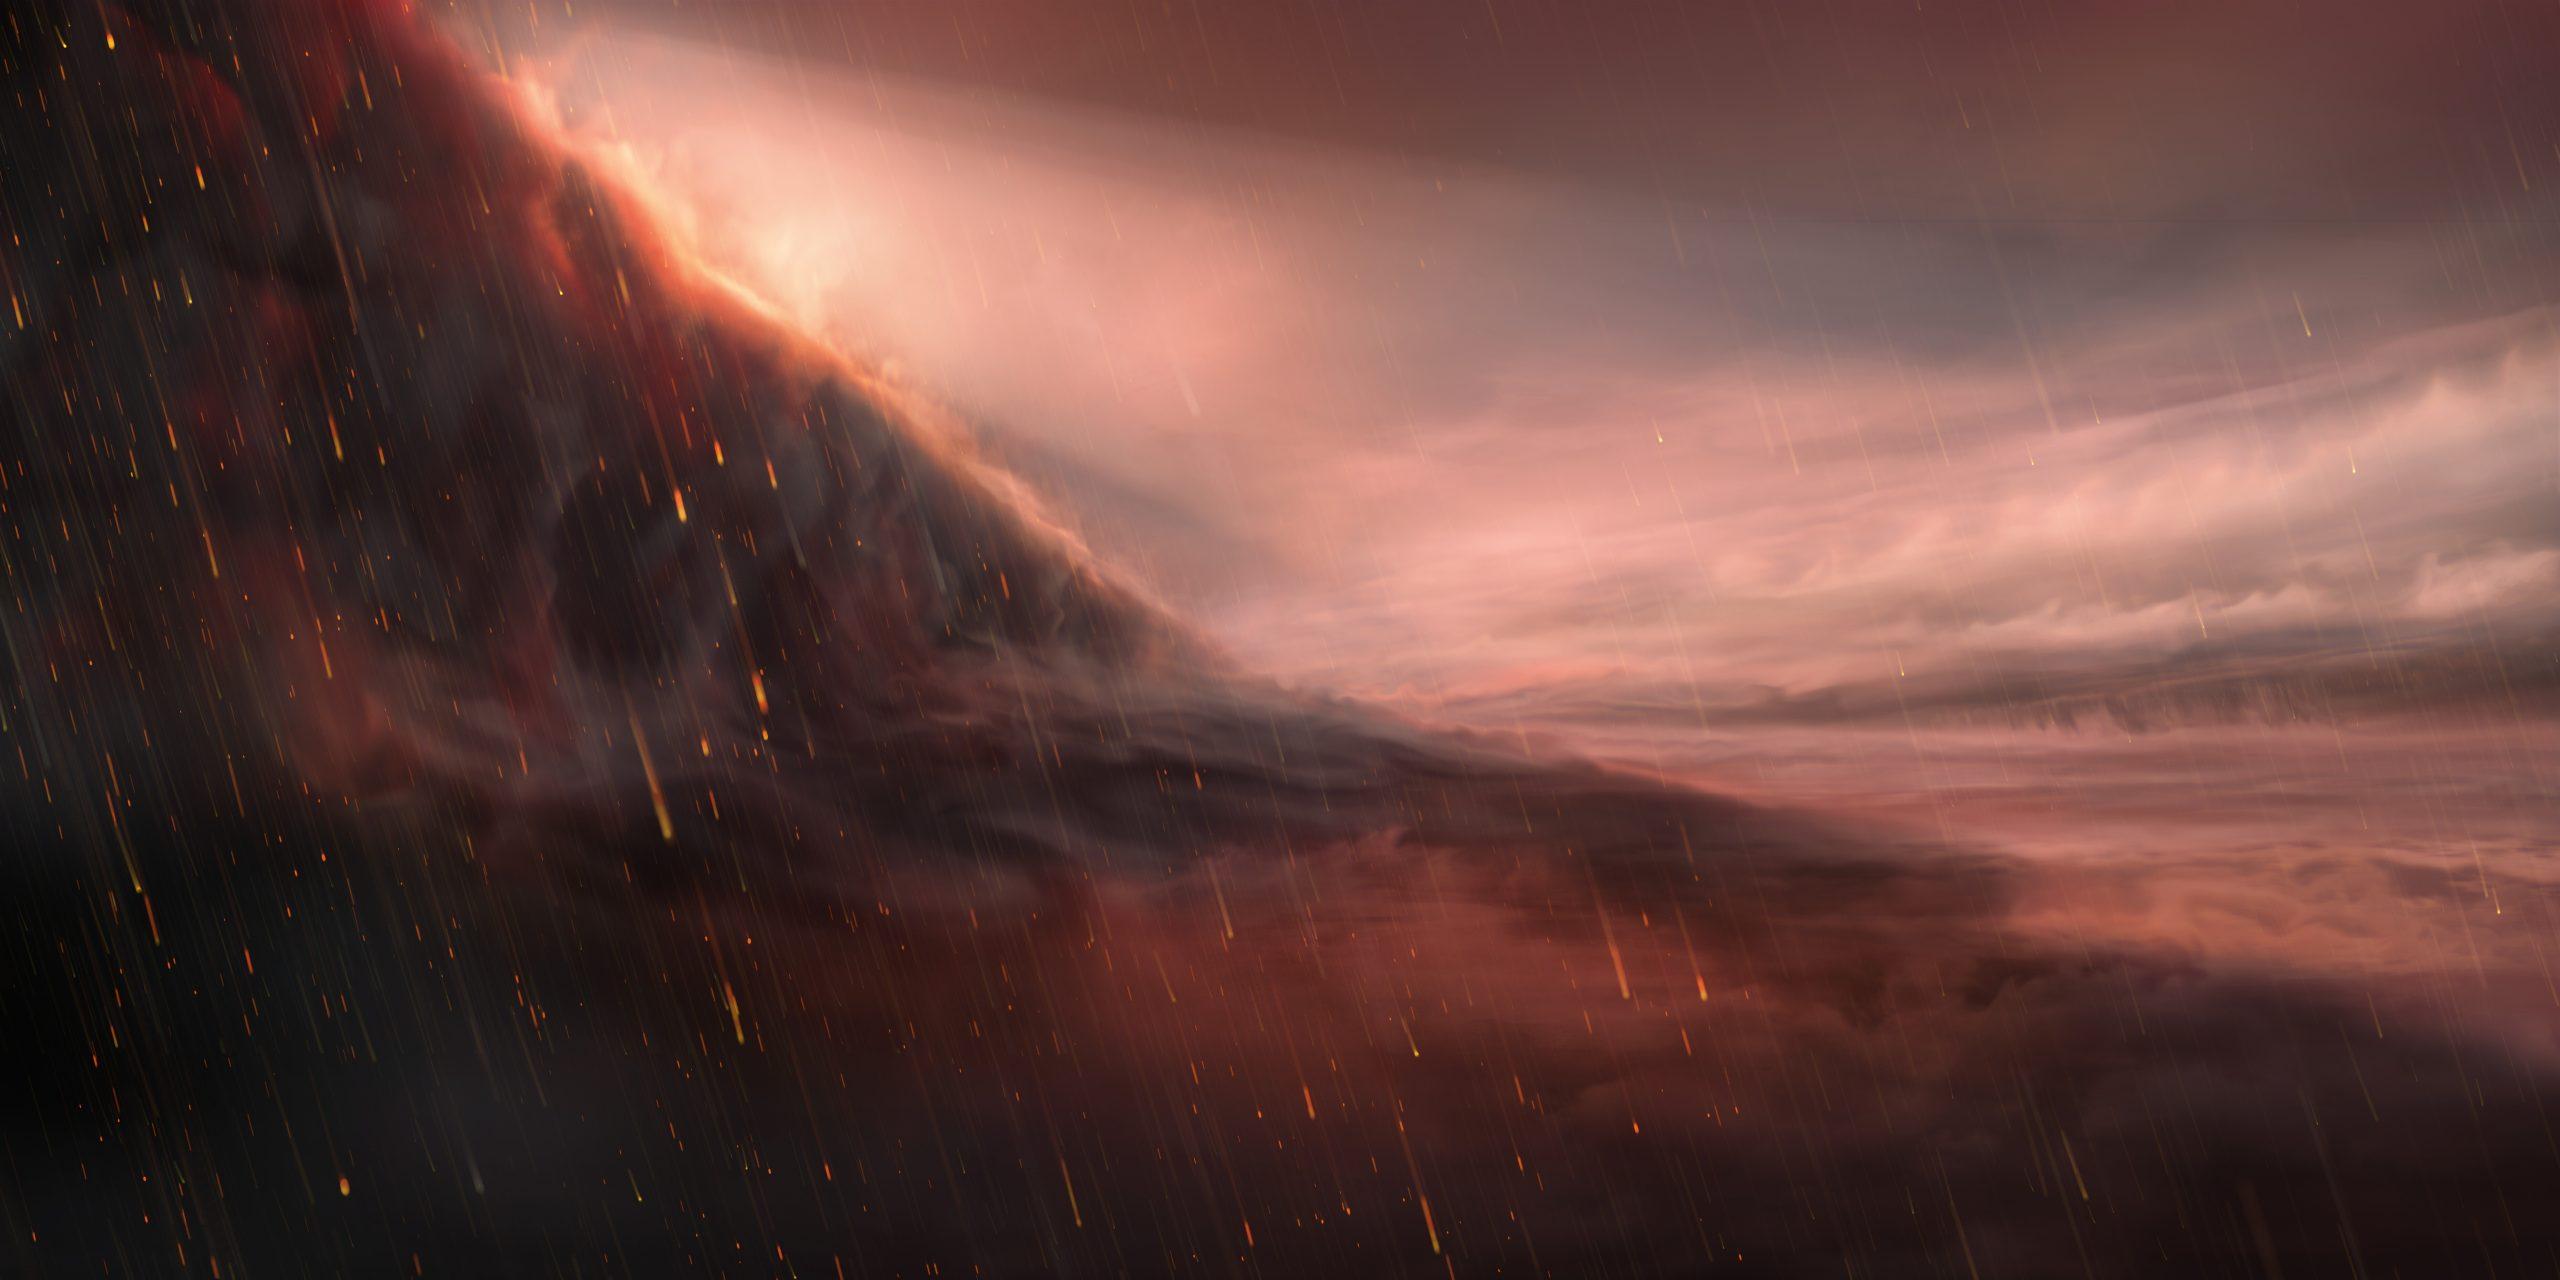 Investigadores do IA detetam exoplaneta onde chove ferro